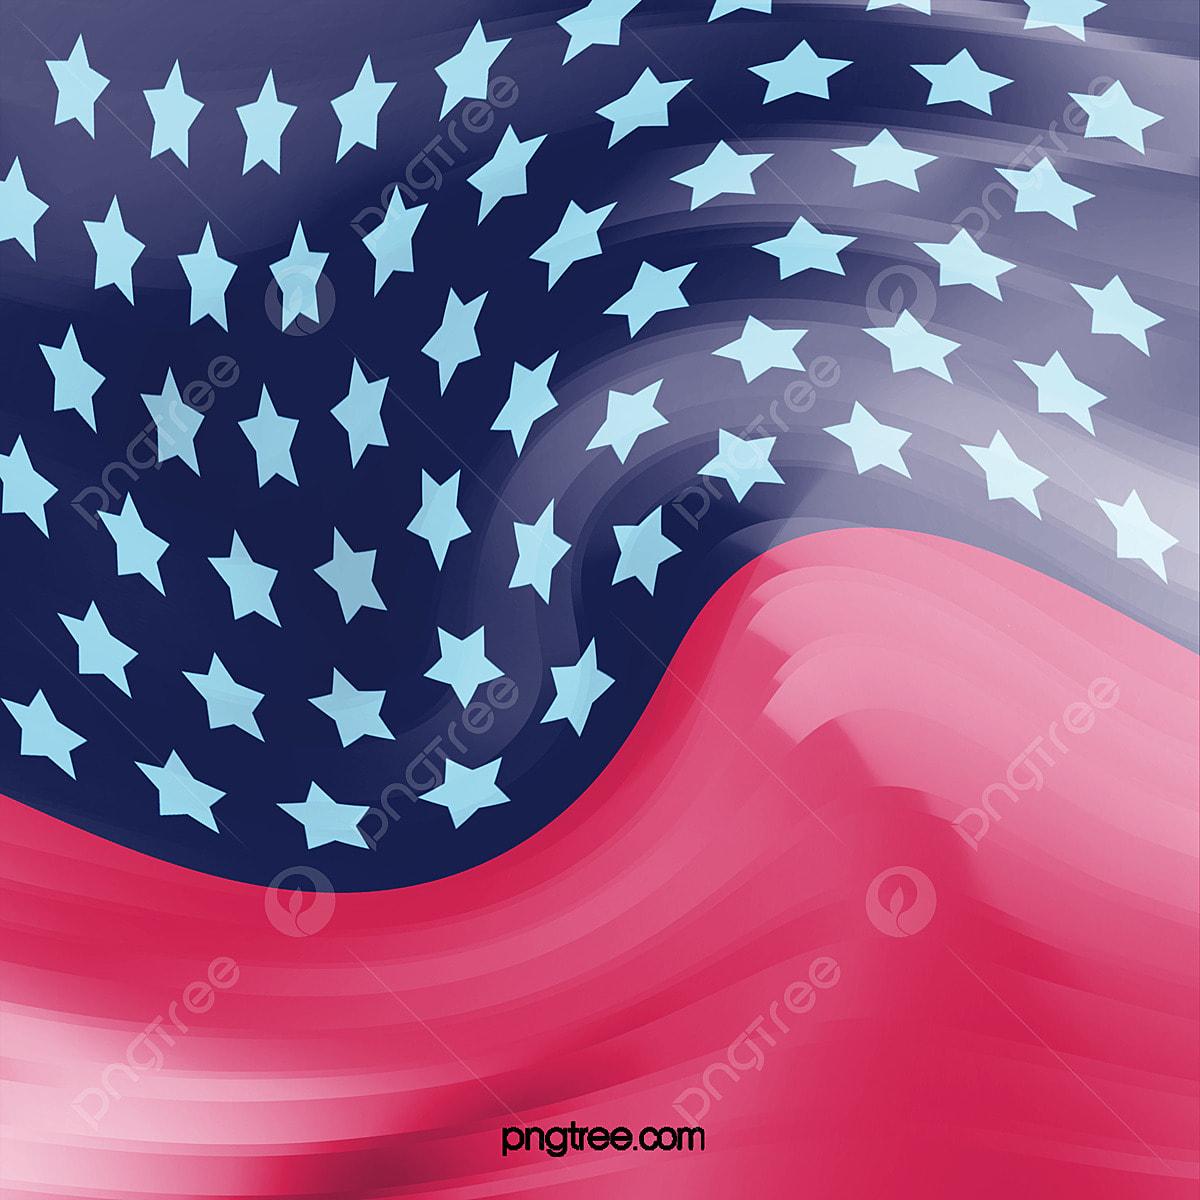 米国国旗を振る アメリカ アメリカン 背景画像とpsd素材ファイルの